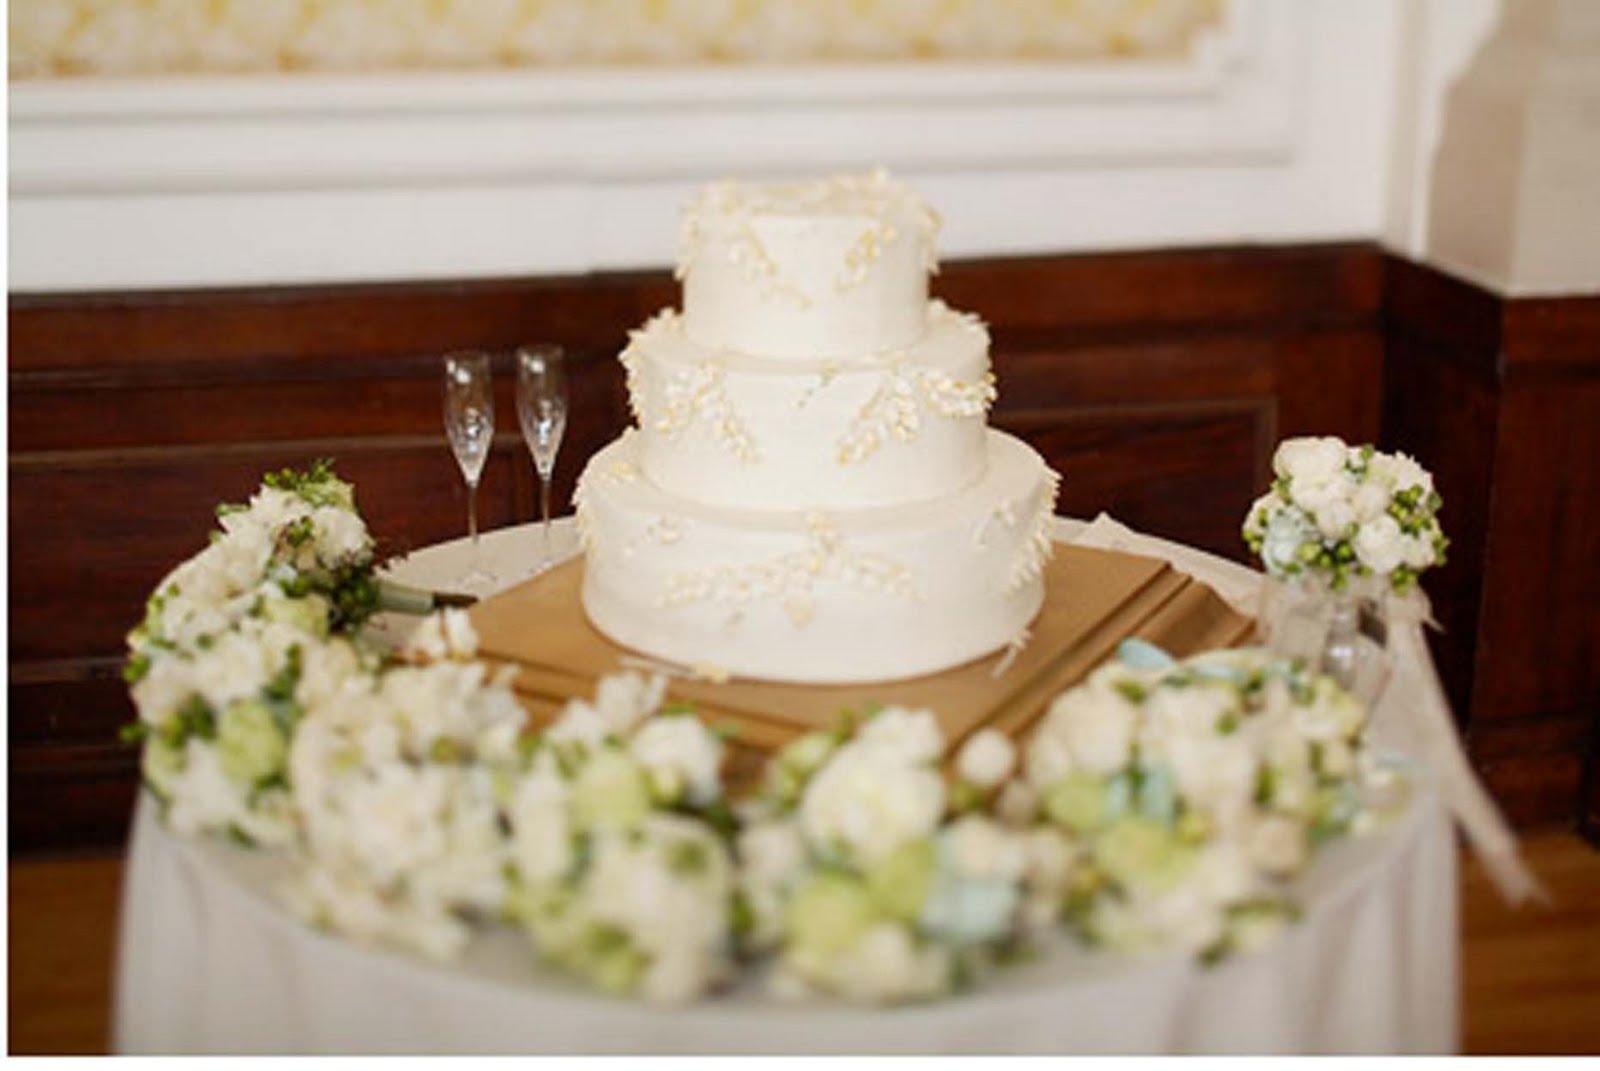 [pretty+cake]